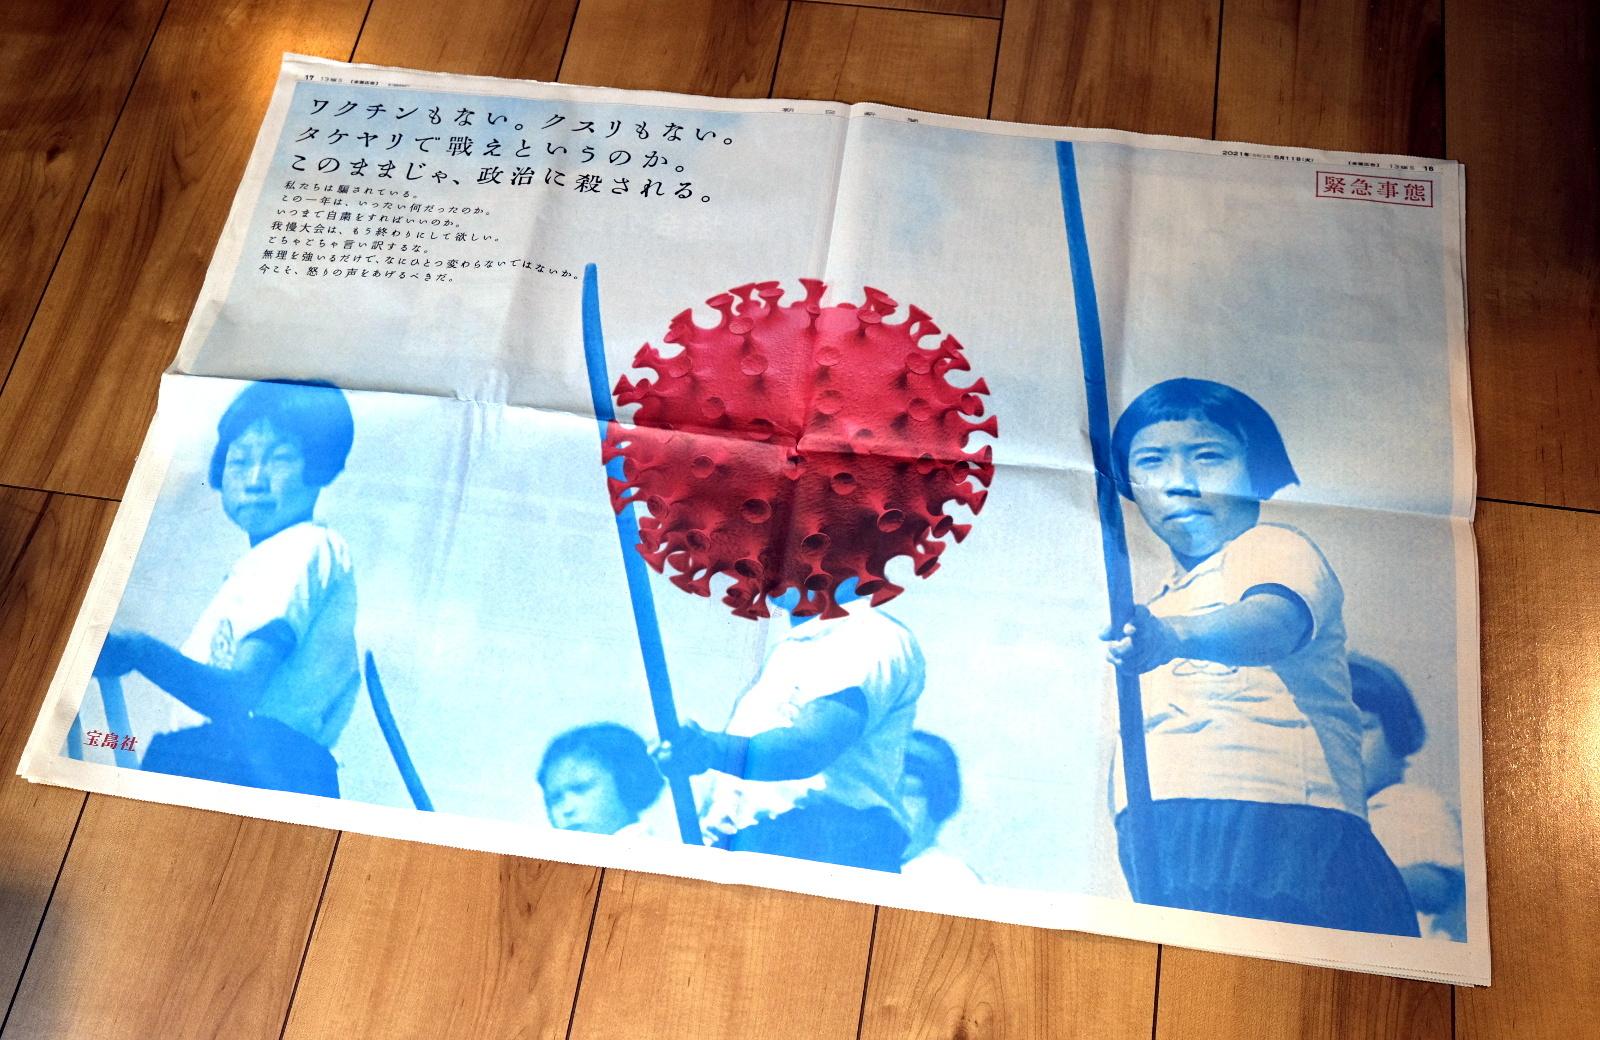 コロナ タケヤリ ふーん 薙刀 岩波新書に関連した画像-02